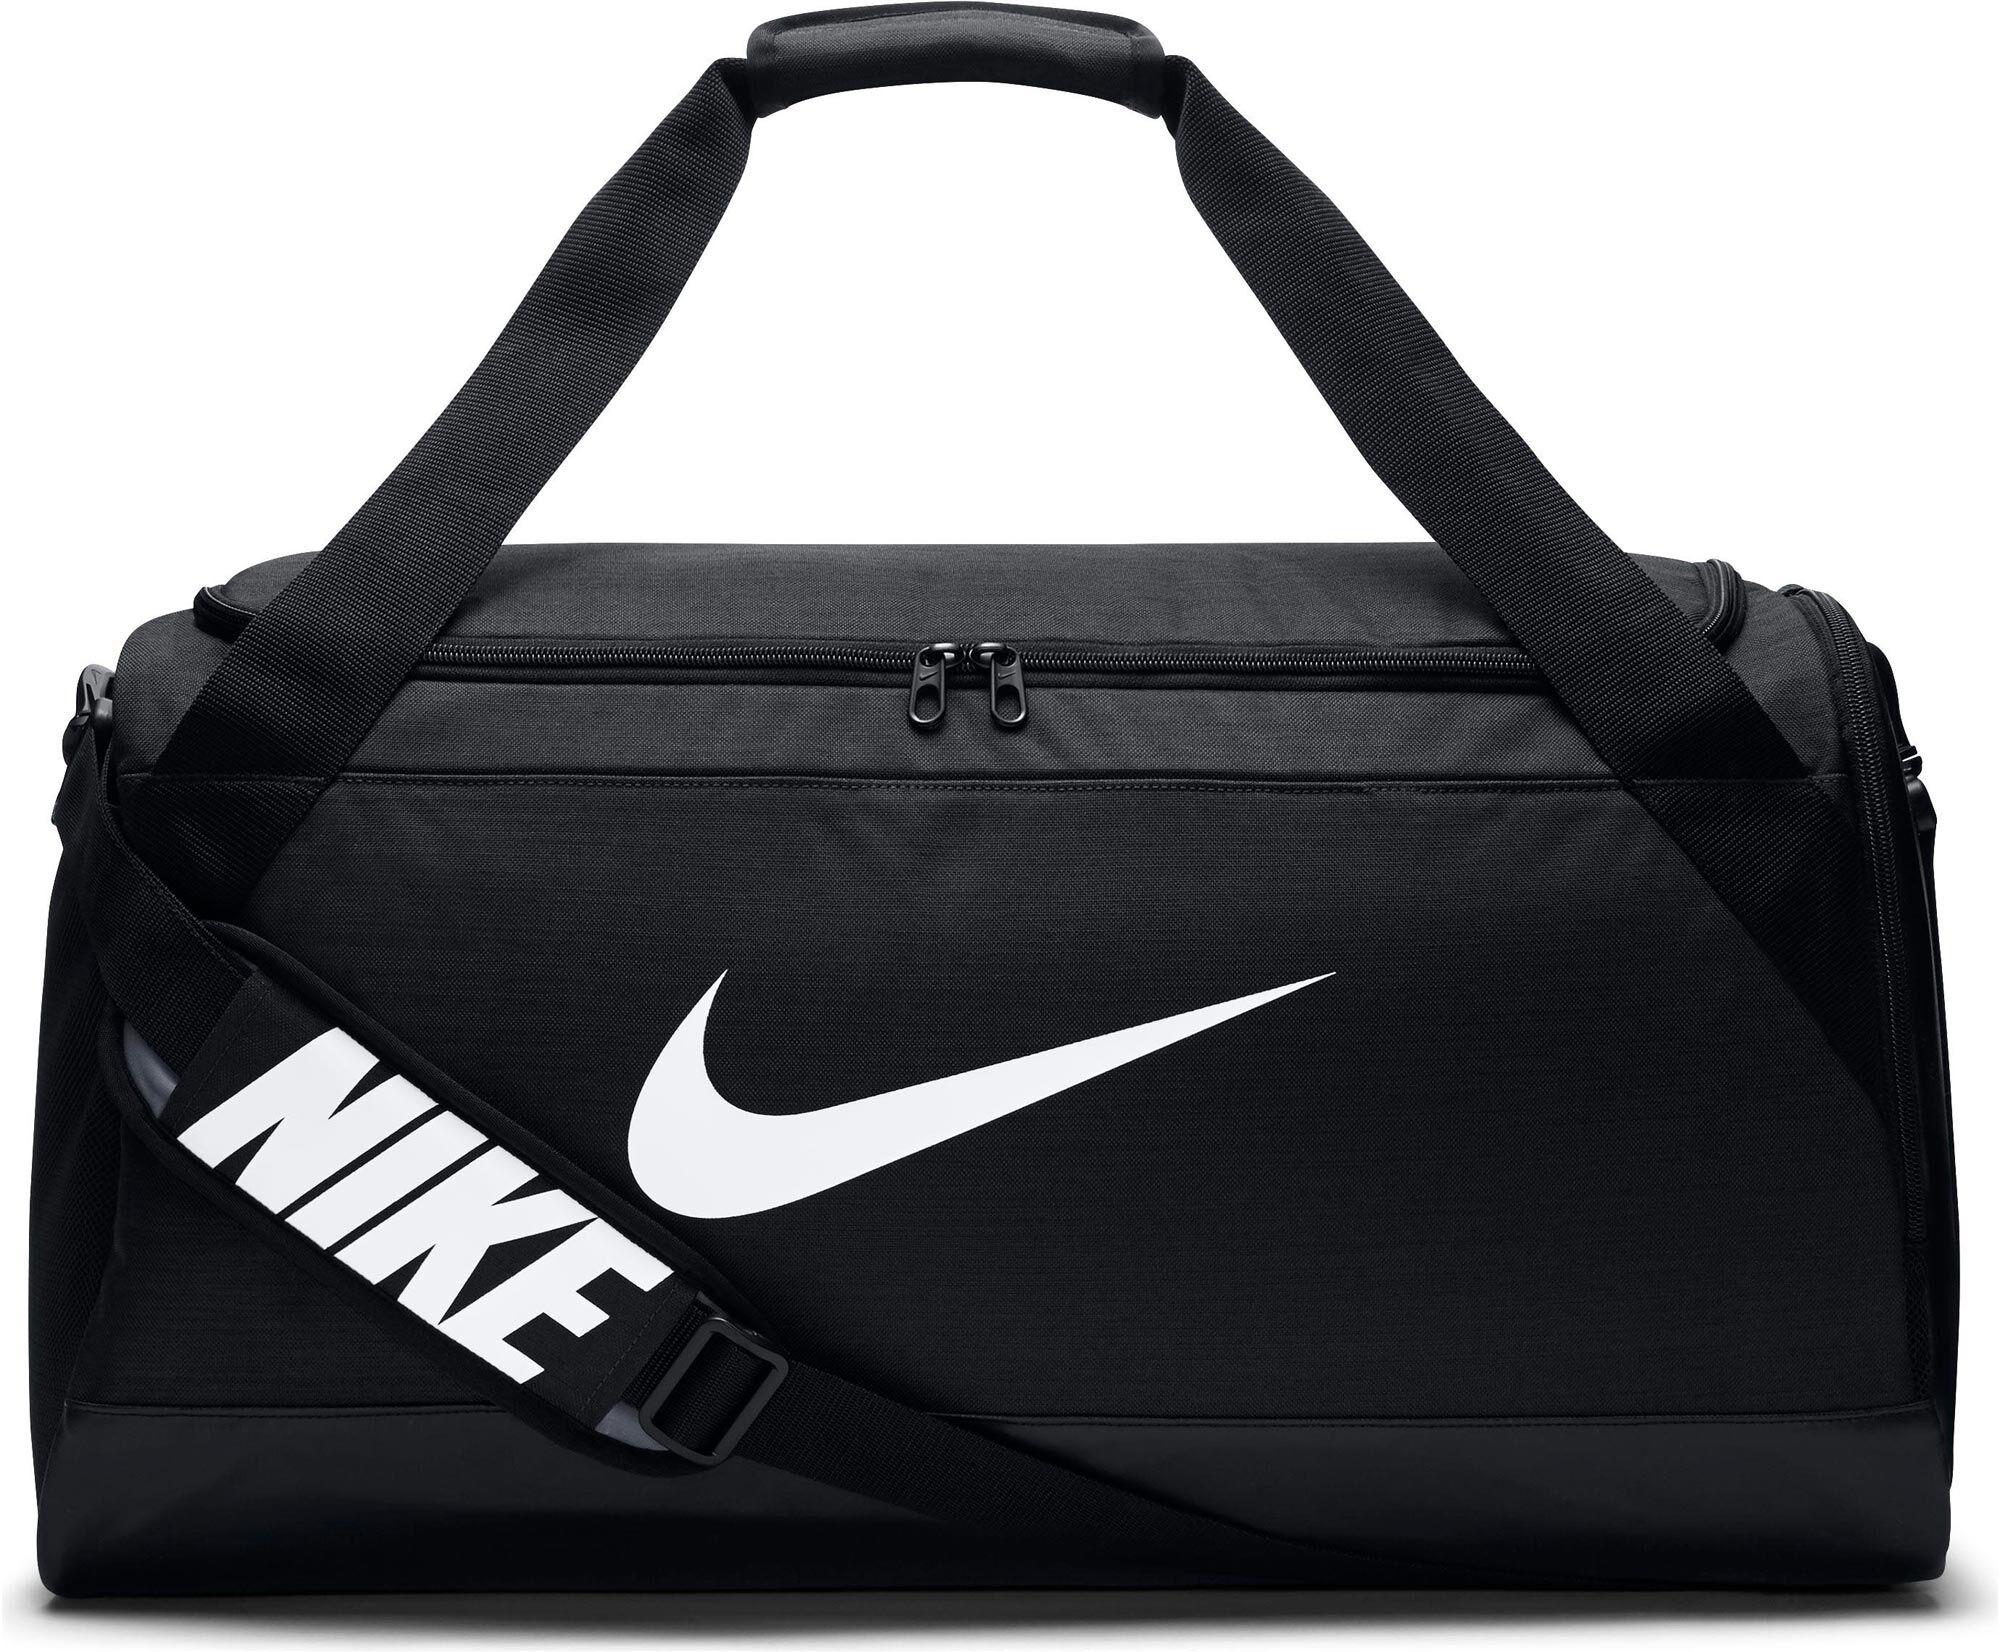 tassen voor dames intersportnike brasilia training sporttas zwart